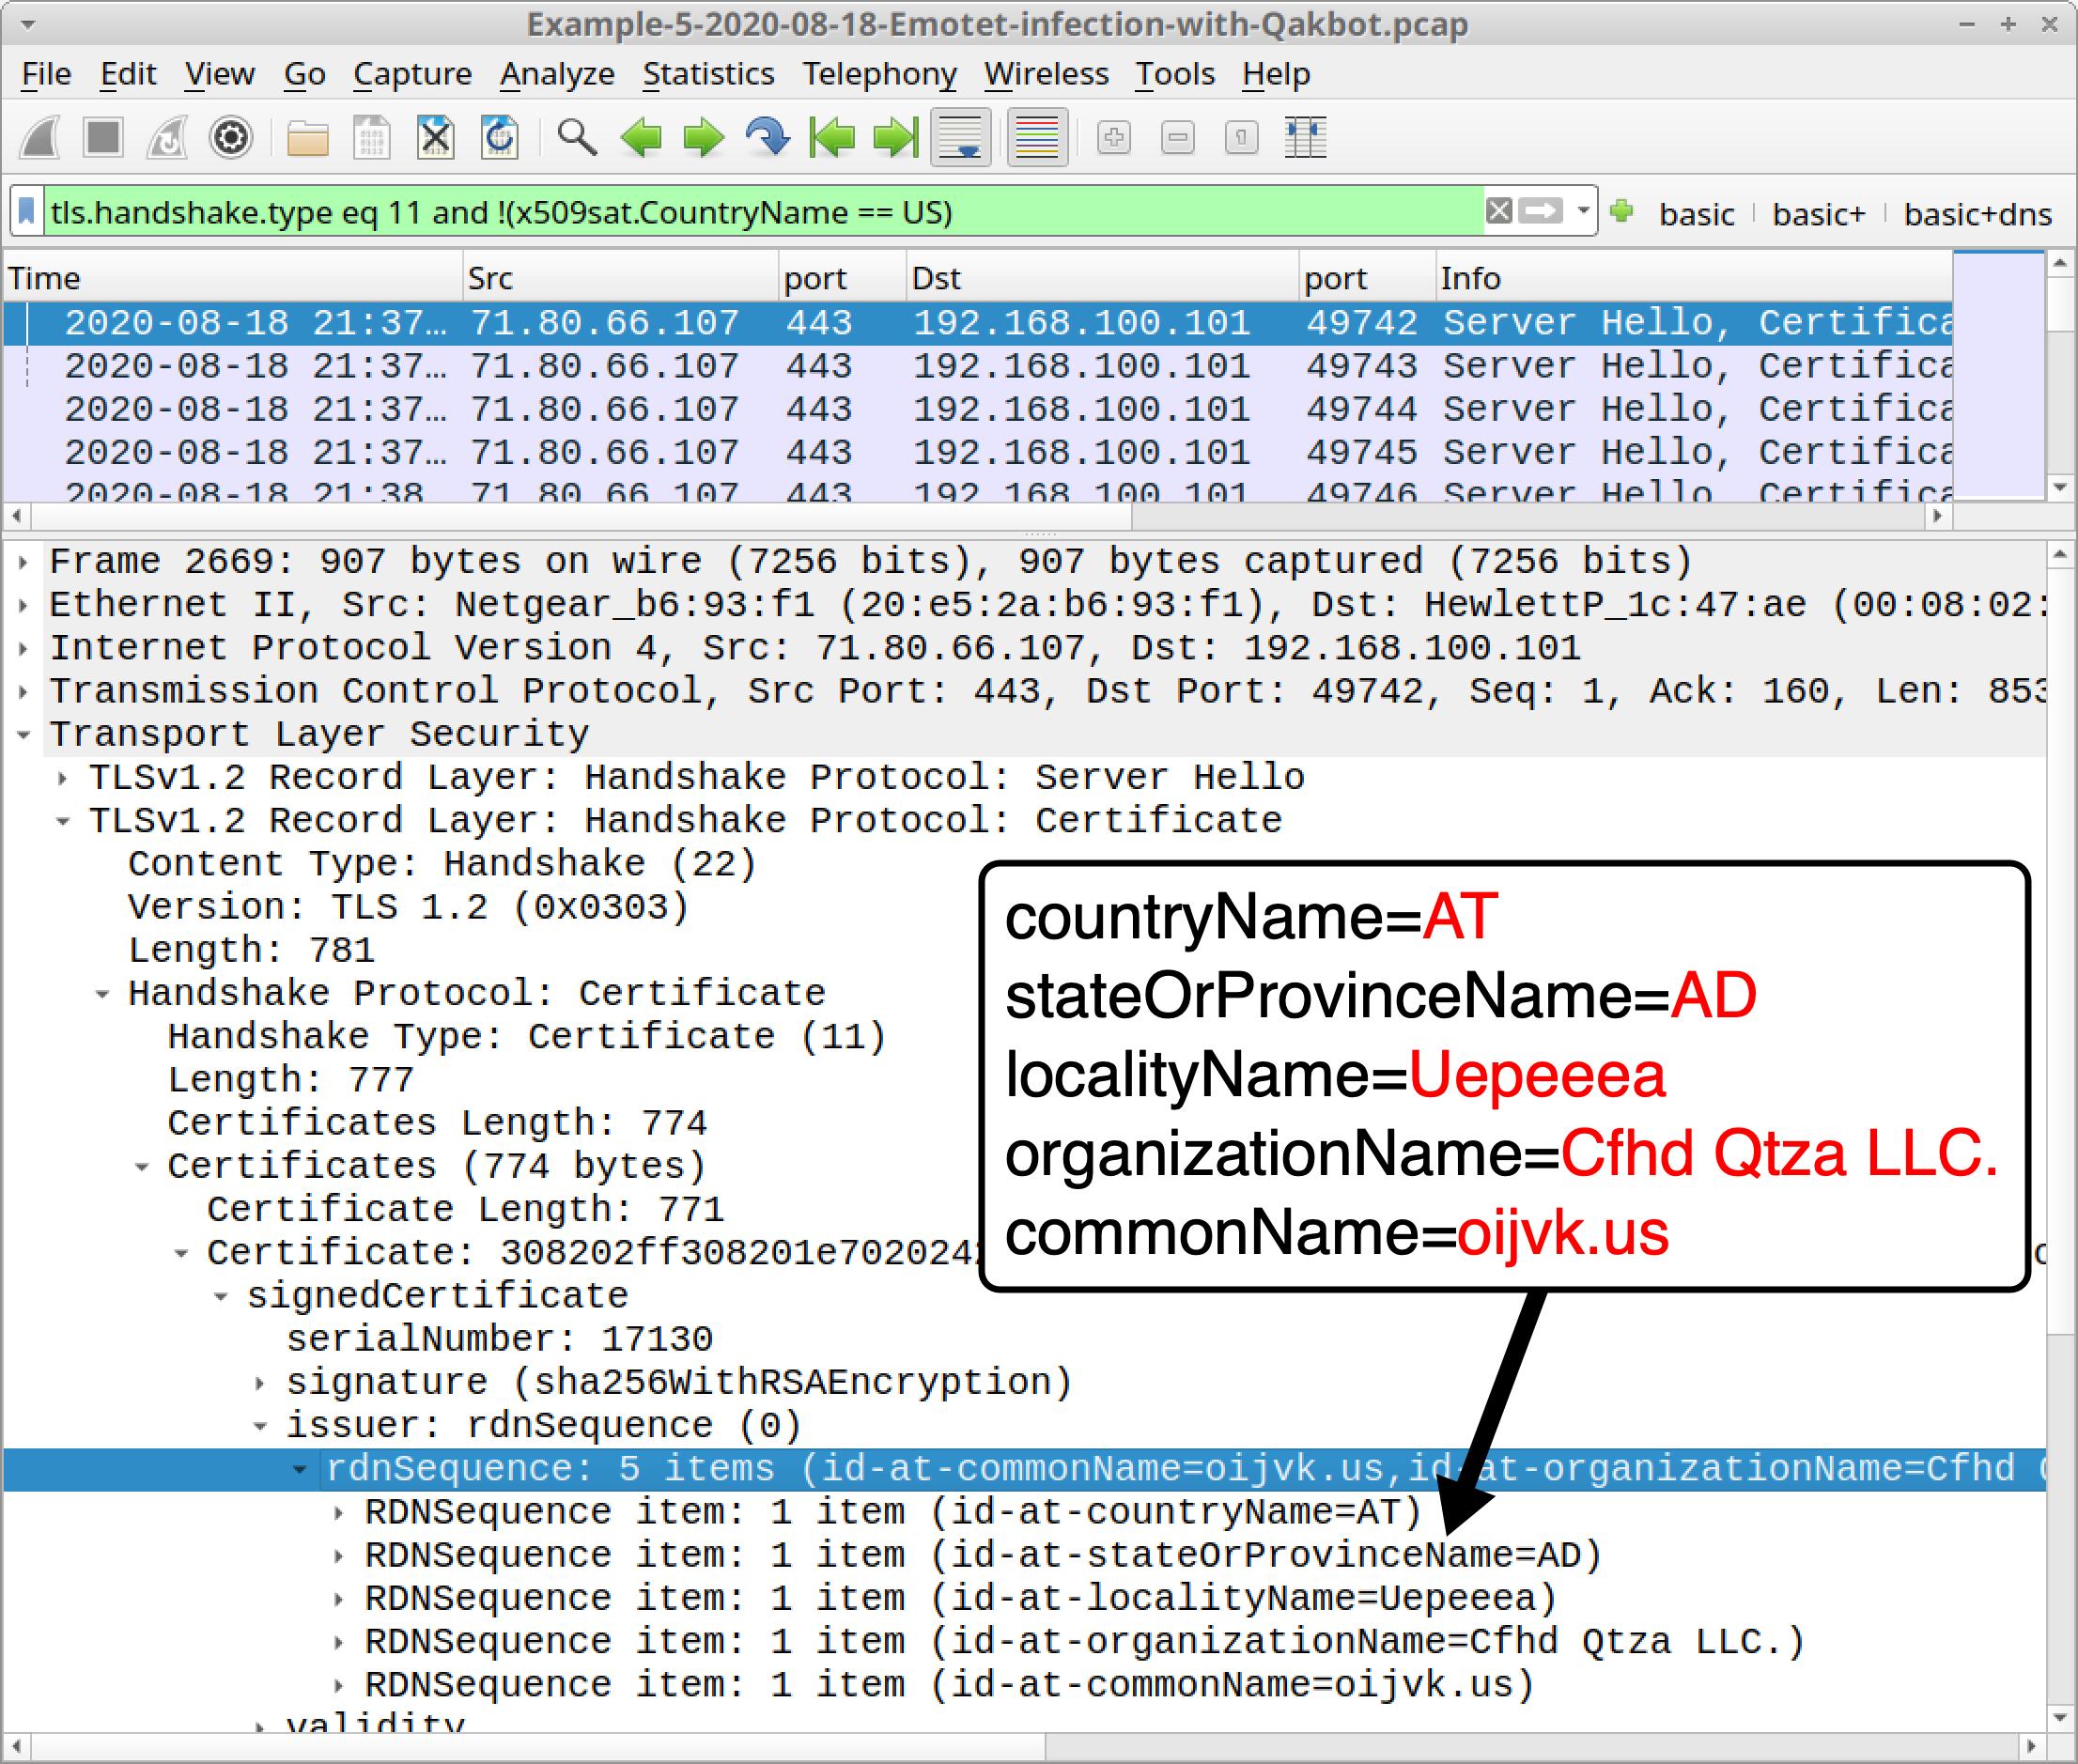 図32 Qakbotが生成したHTTPSトラフィック内の正常でない証明書のIssuerデータをフィルタリングして検索したところ